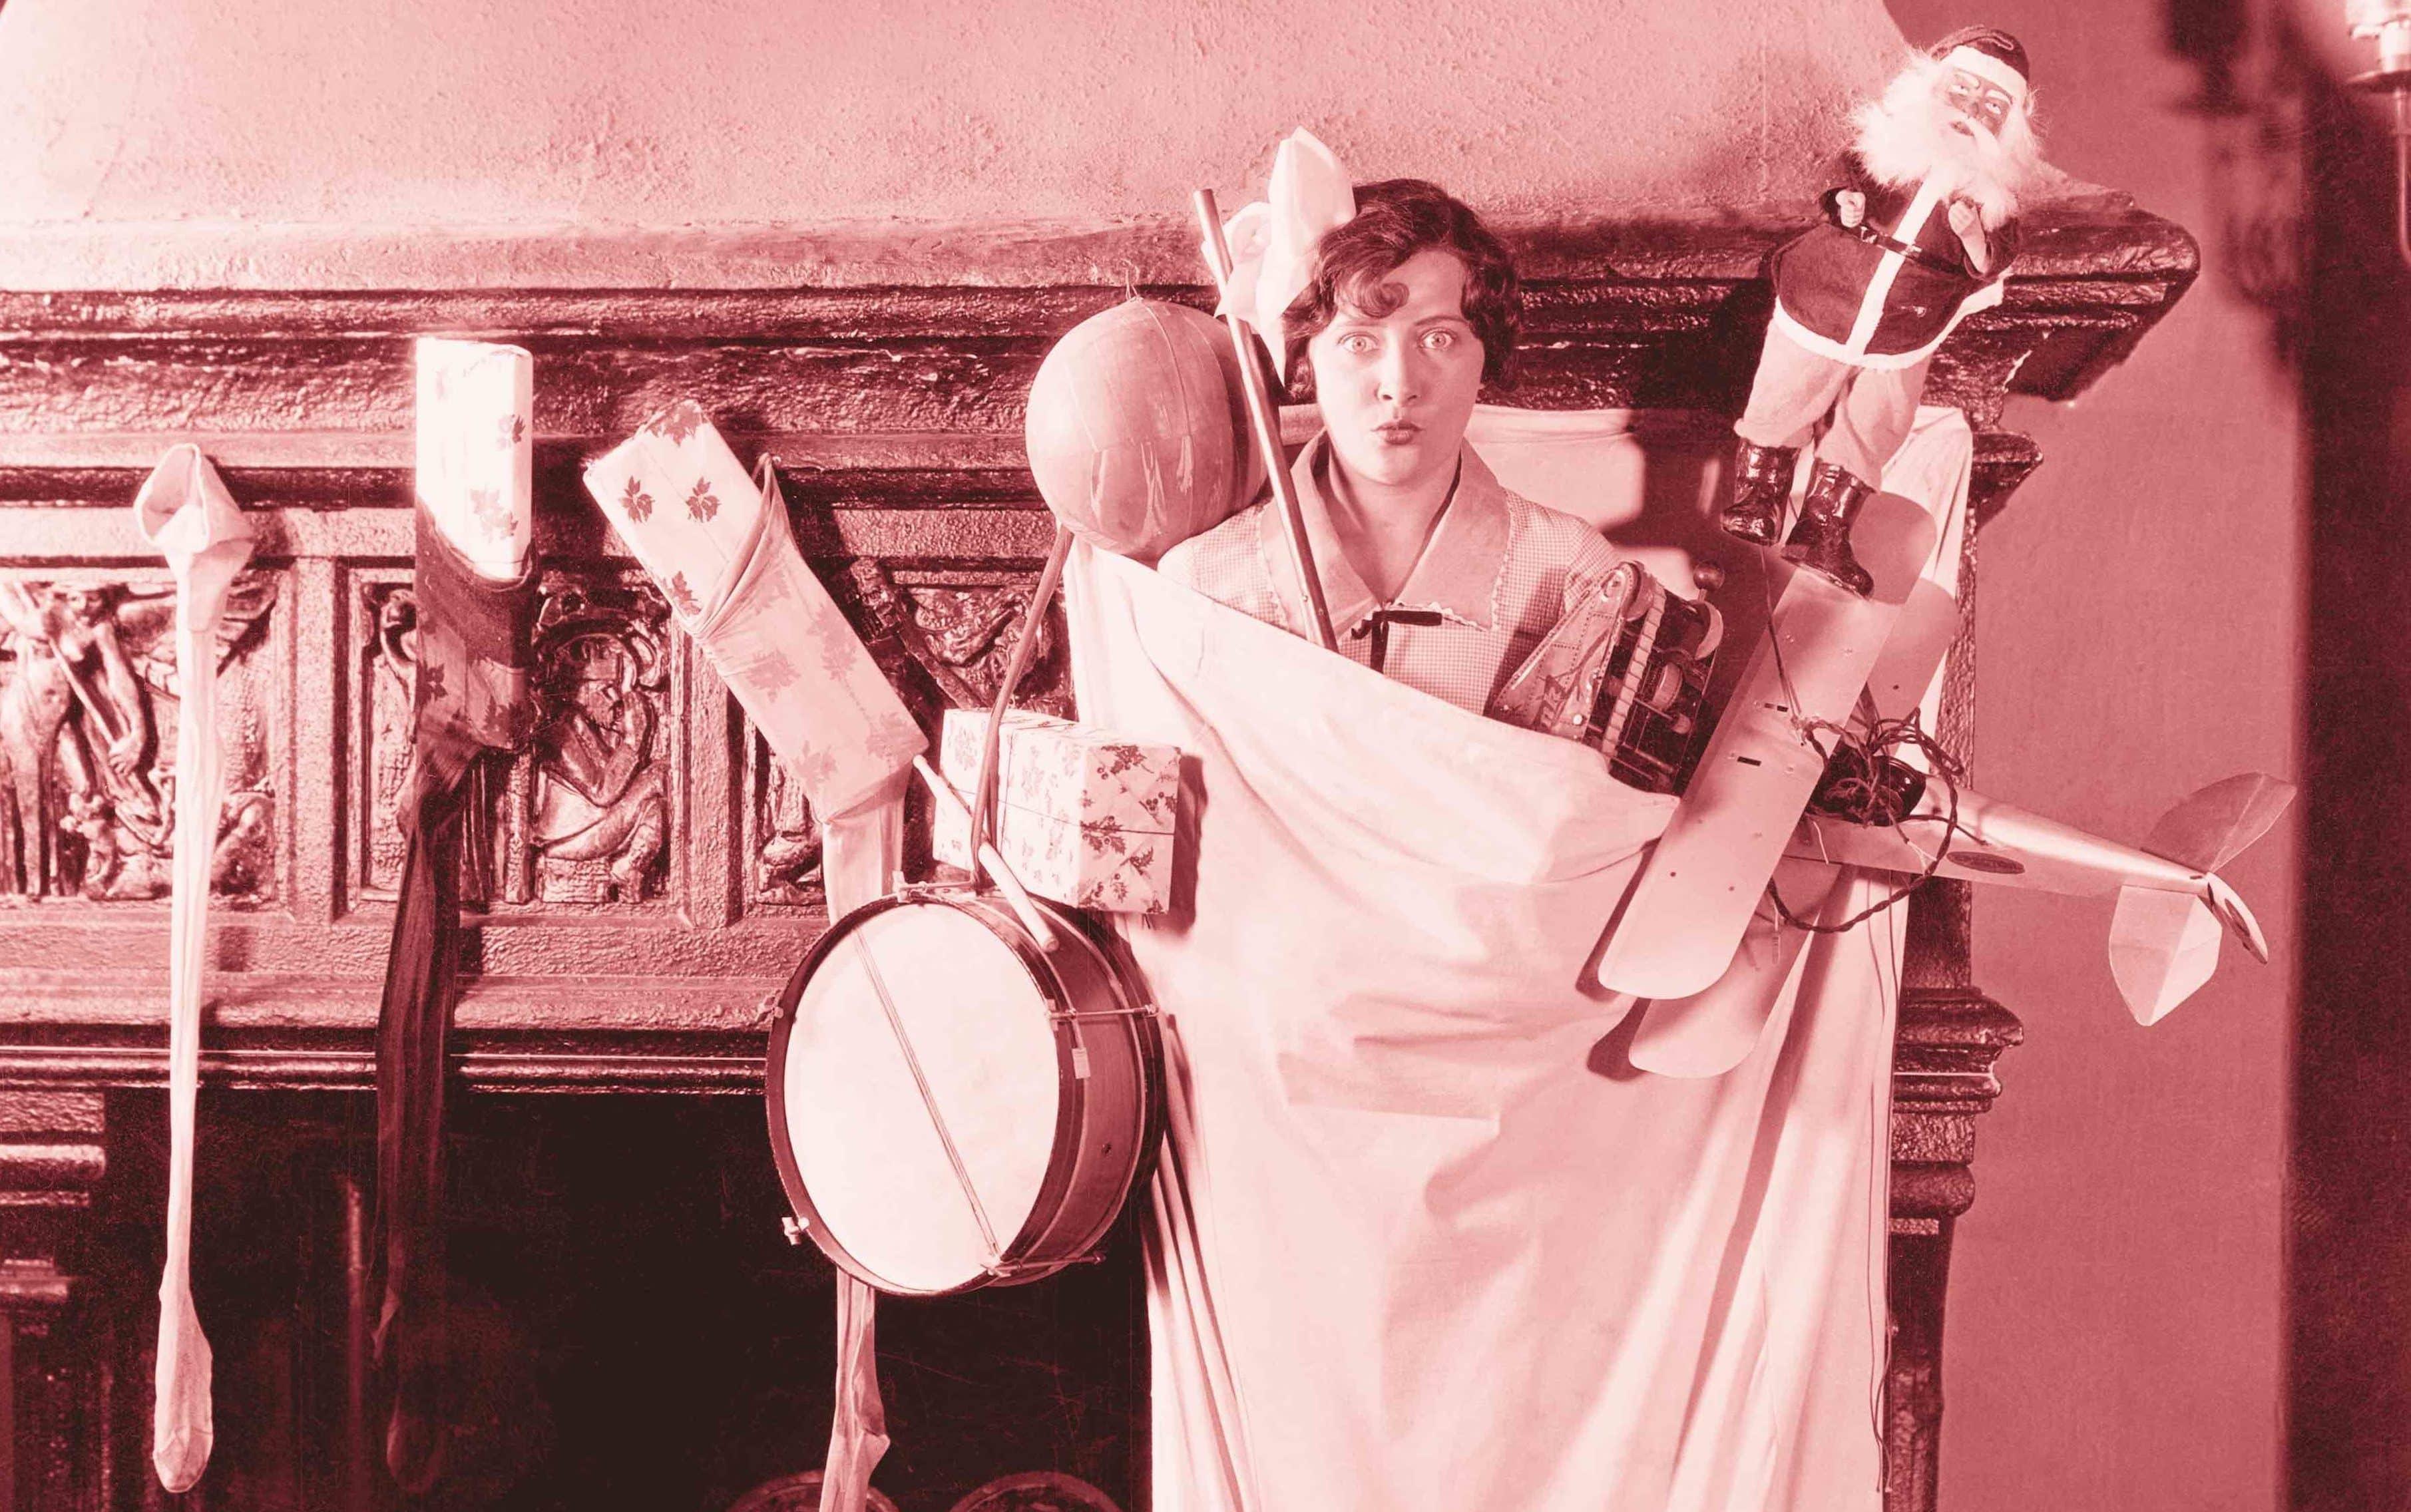 Scegli la magia: regala il teatro! Fino all'11 gennaio